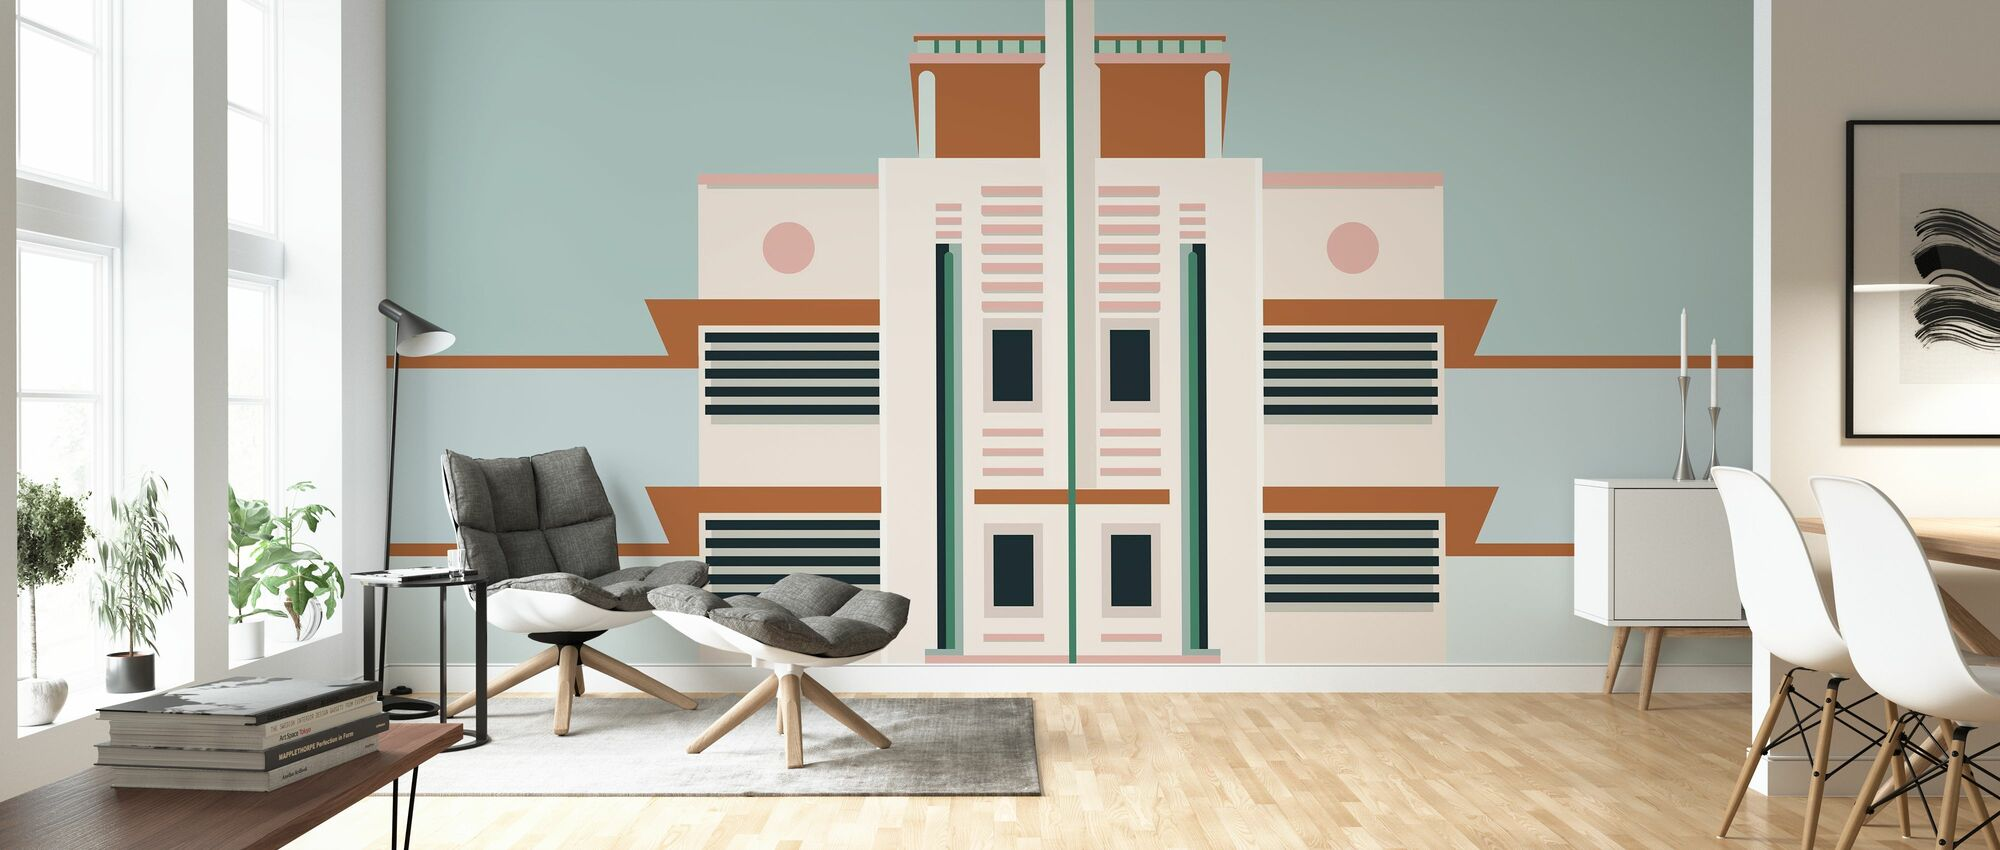 Deco - 03 - Wallpaper - Living Room